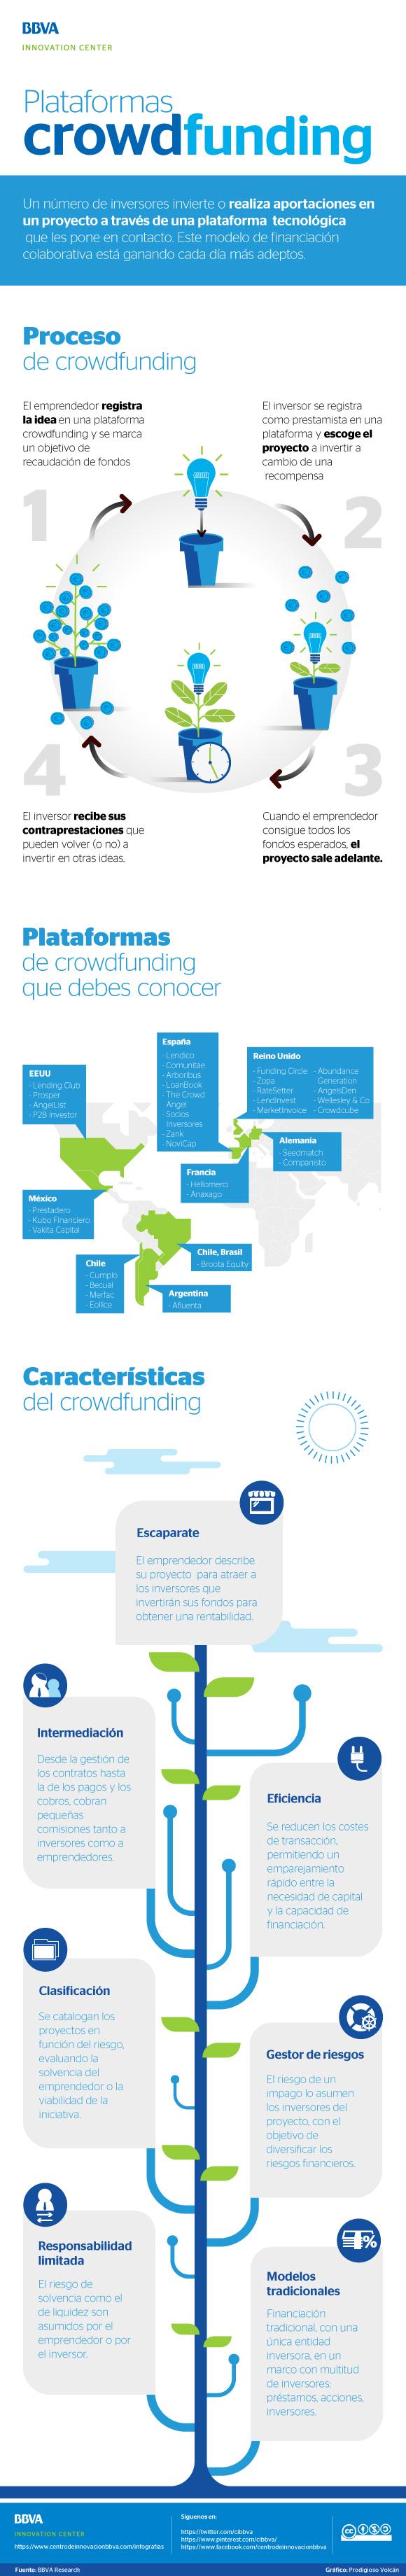 Plataformas de crowdfunding infografia